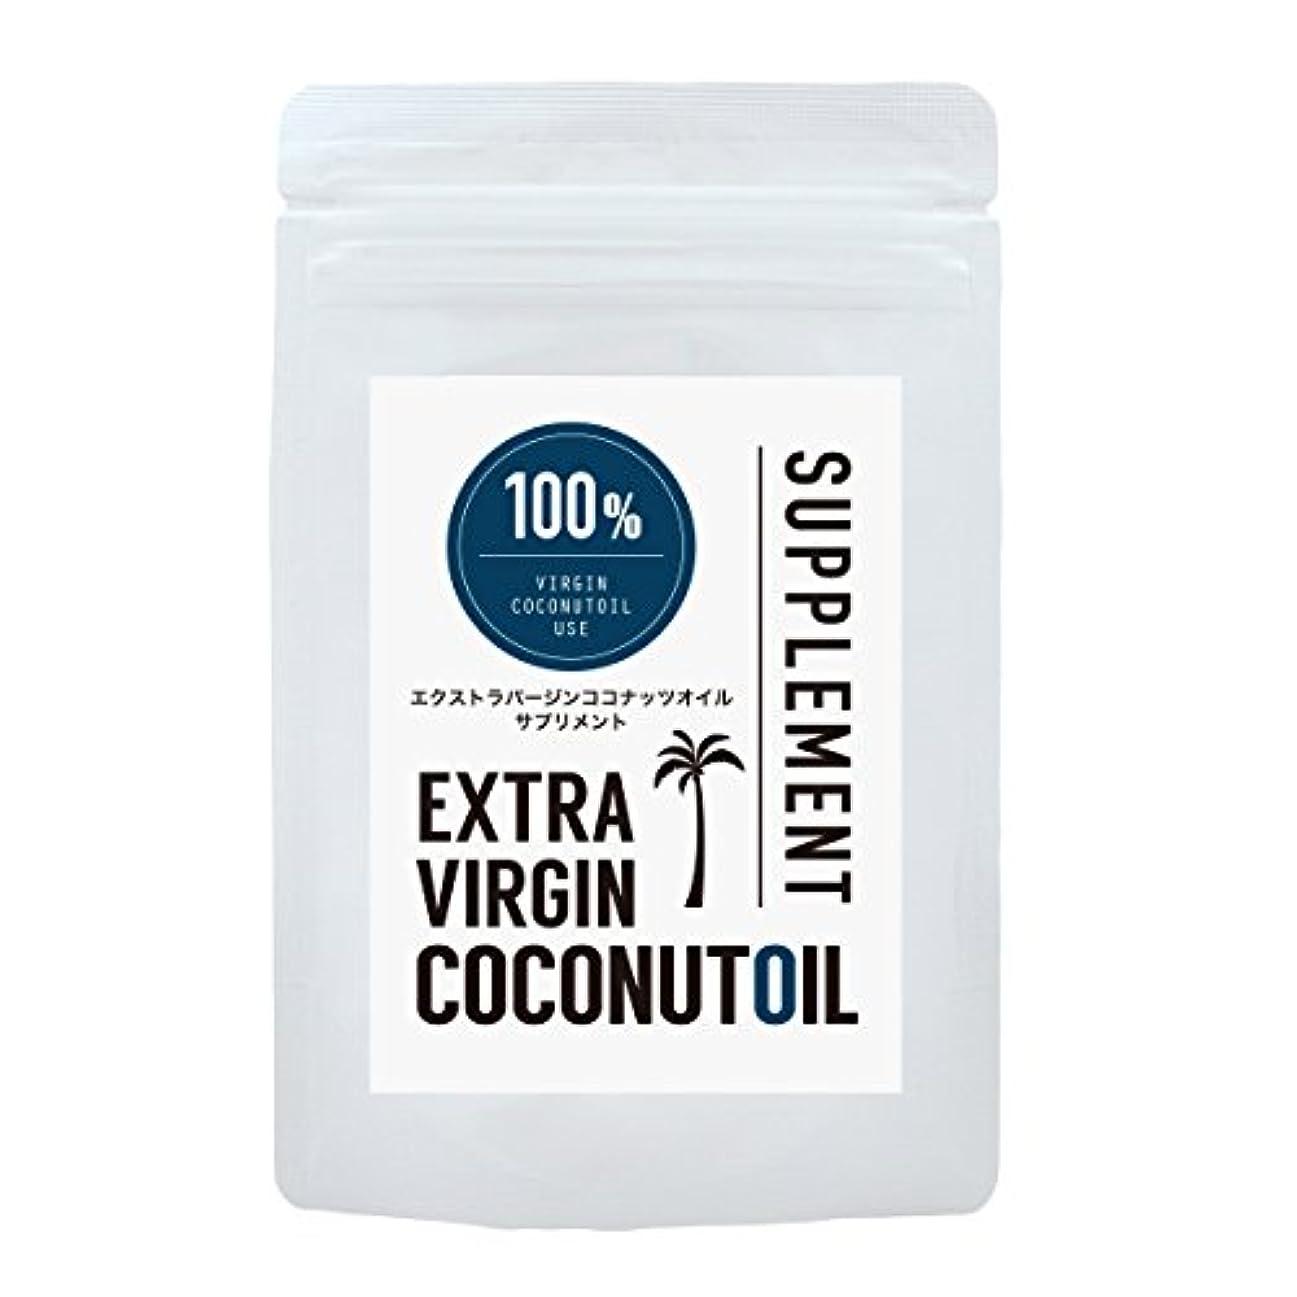 懐疑的願望ソケットエクストラヴァージン ココナッツオイル サプリメント 90粒入り 無臭 カプセルタイプ